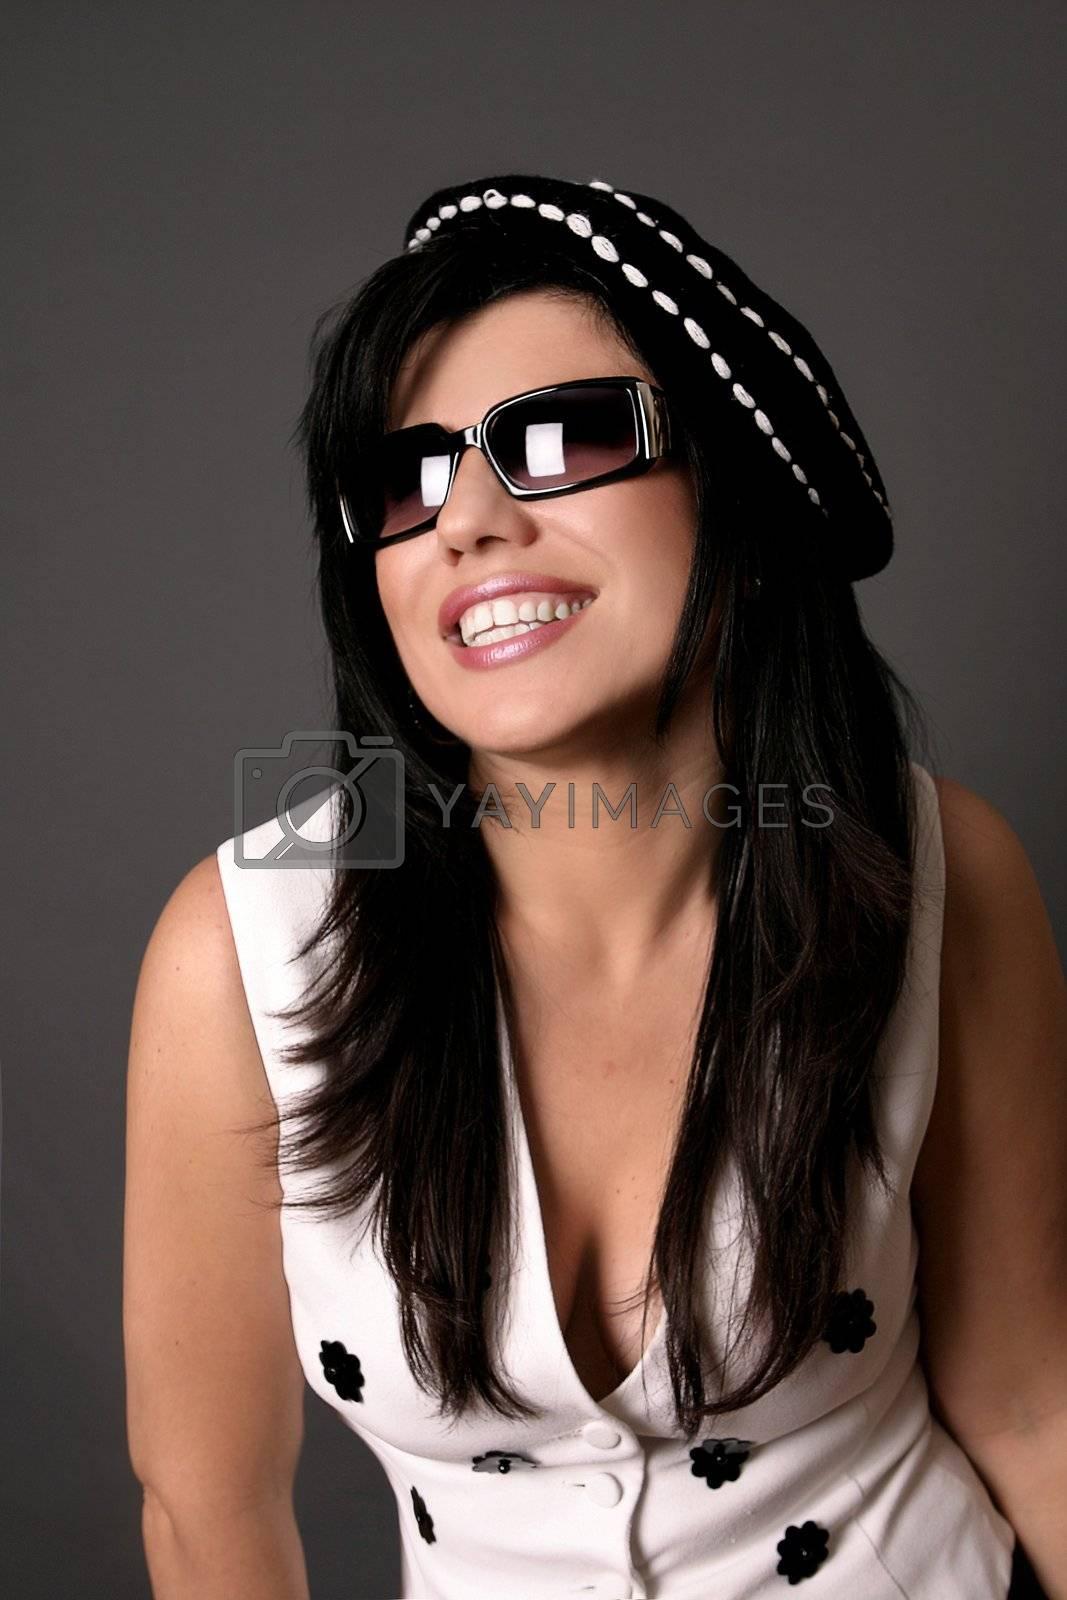 Fashion woman by lovleah